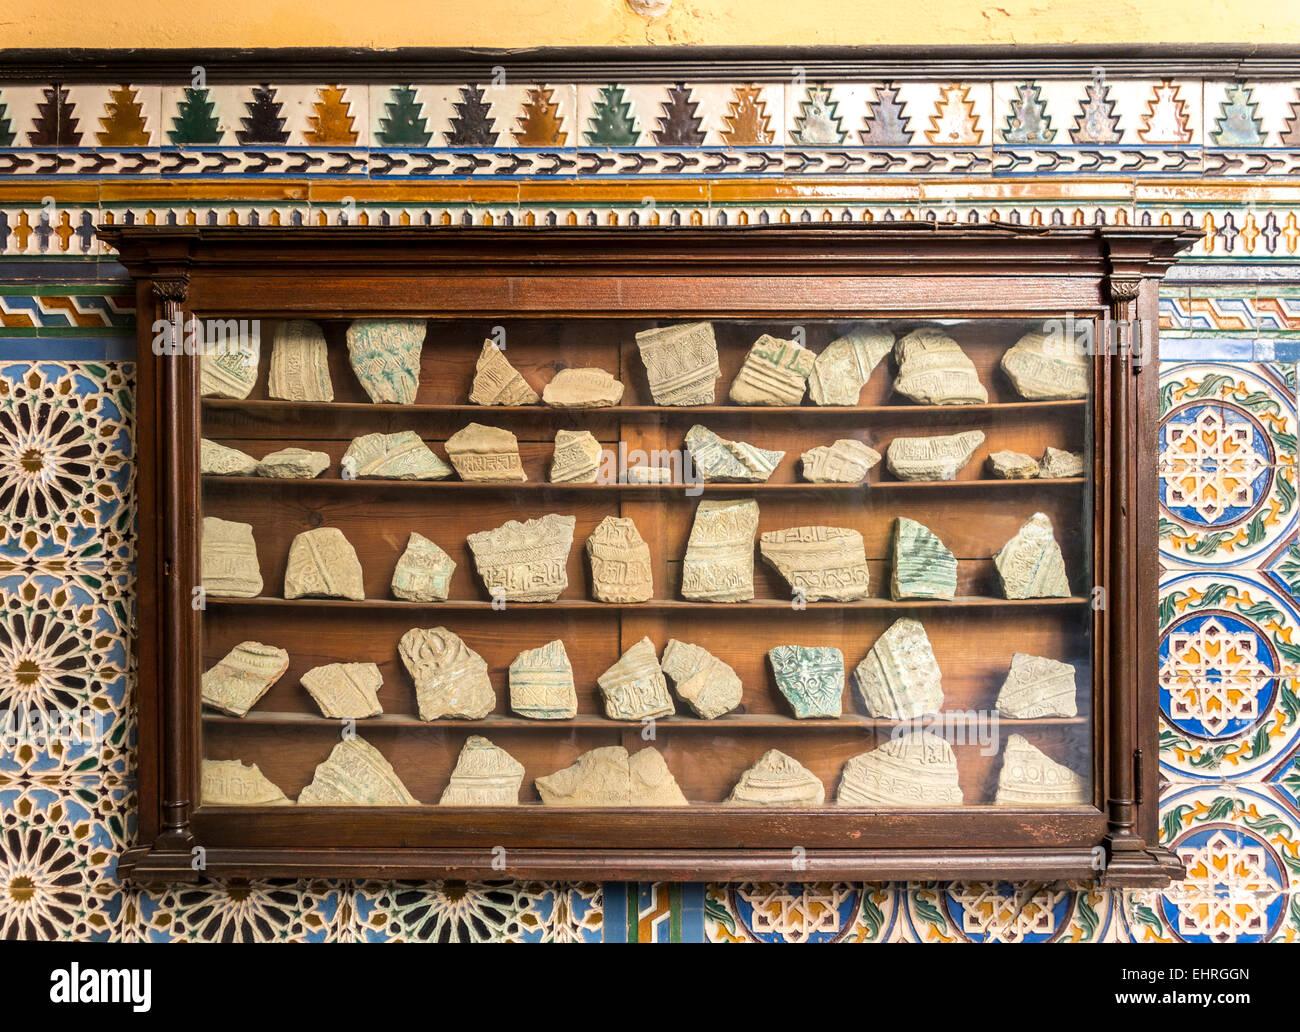 Seville Spain Palace of the Countess of Lebrija Sevilla Palacio de la Condesa de Lebrija, archeological finds in - Stock Image